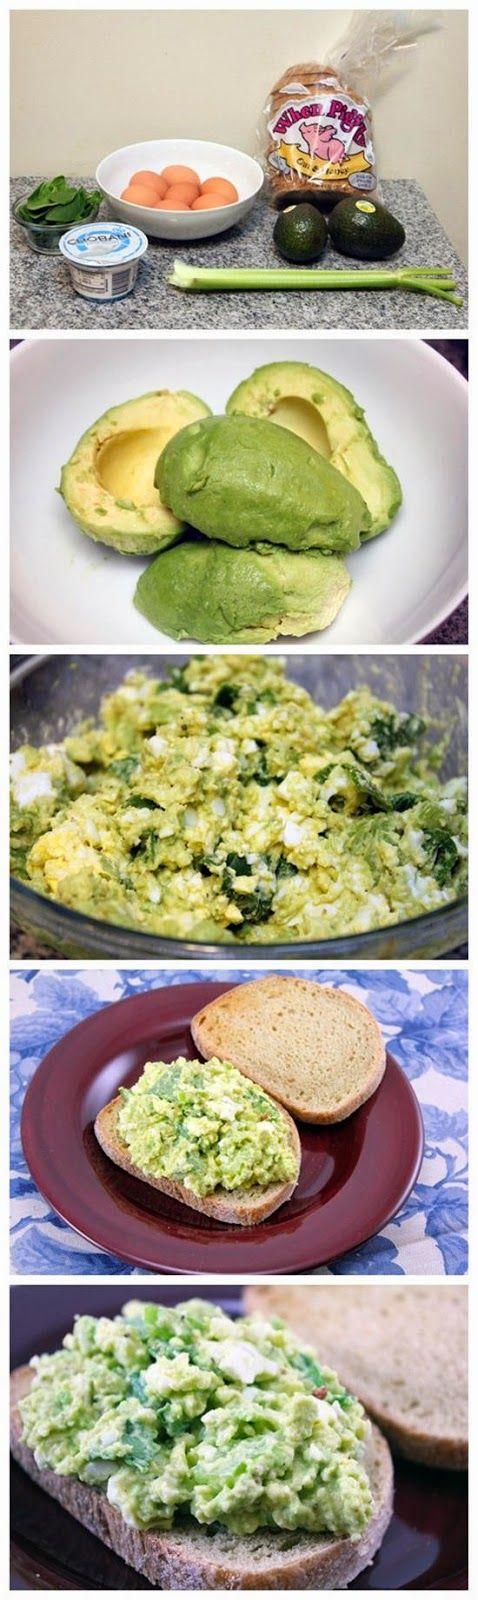 Avocado Spinach Egg Salad